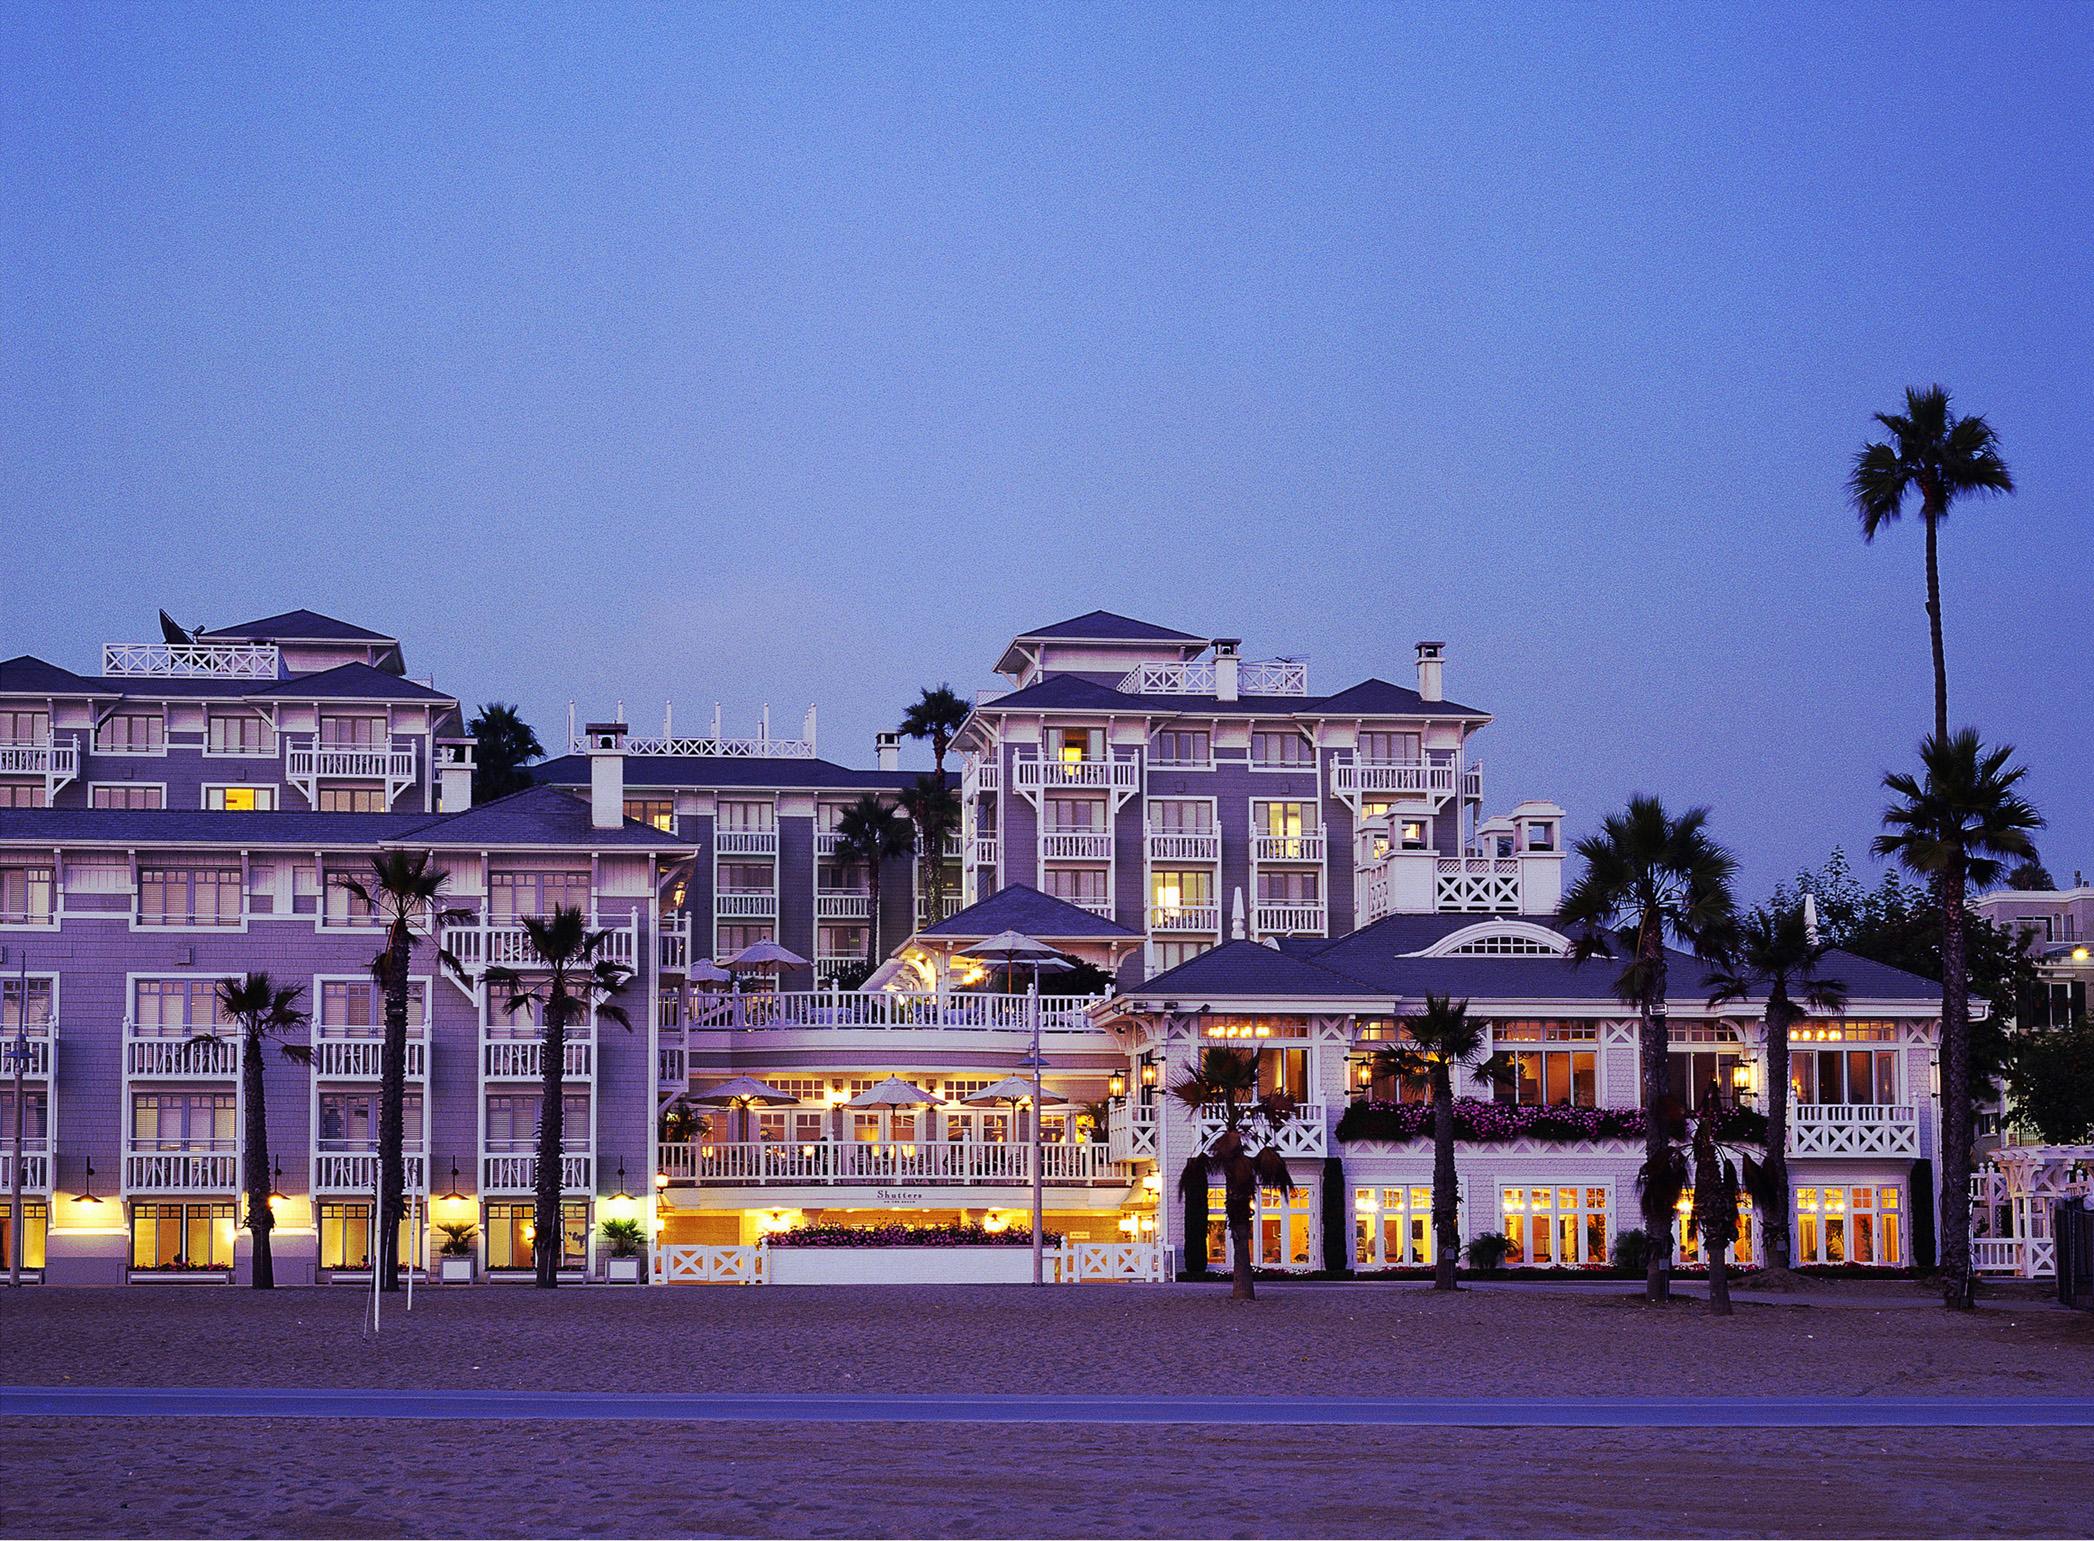 Hotel in Santa Monica